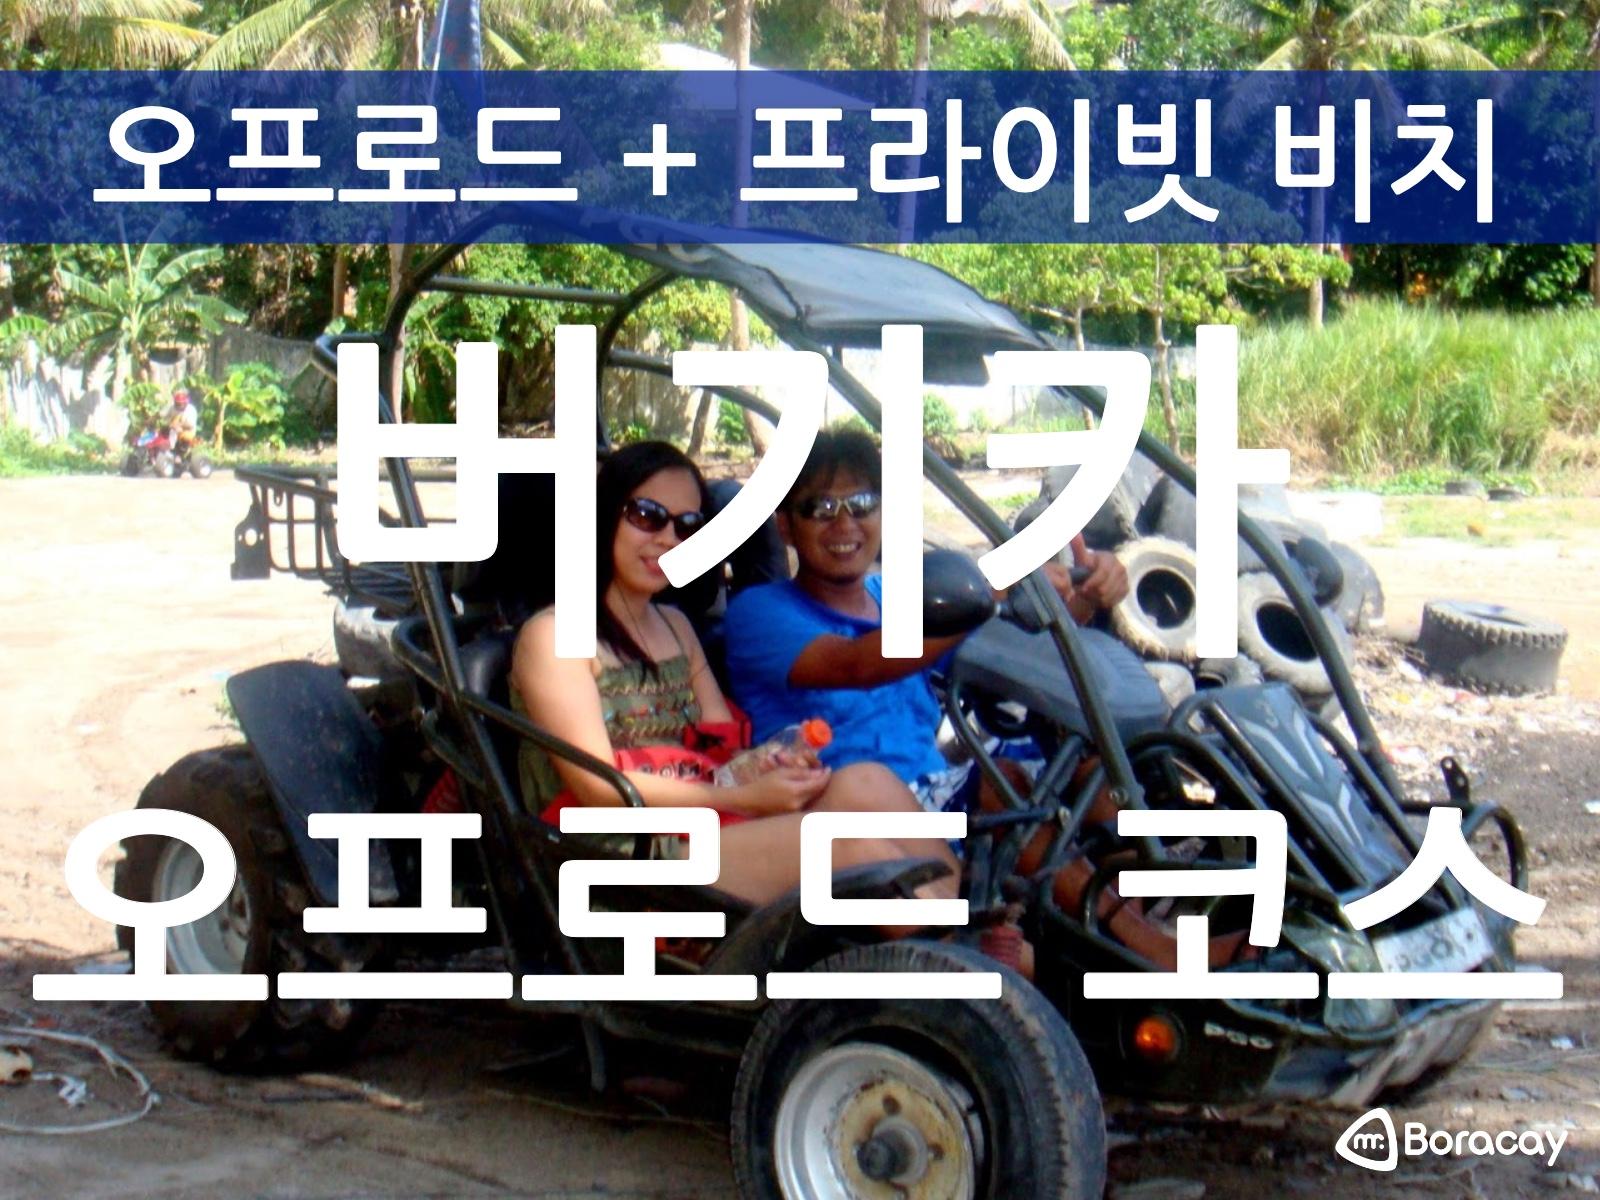 [보라카이 액티비티] 버기카, 버그카 buggy car - 오프로드 코스